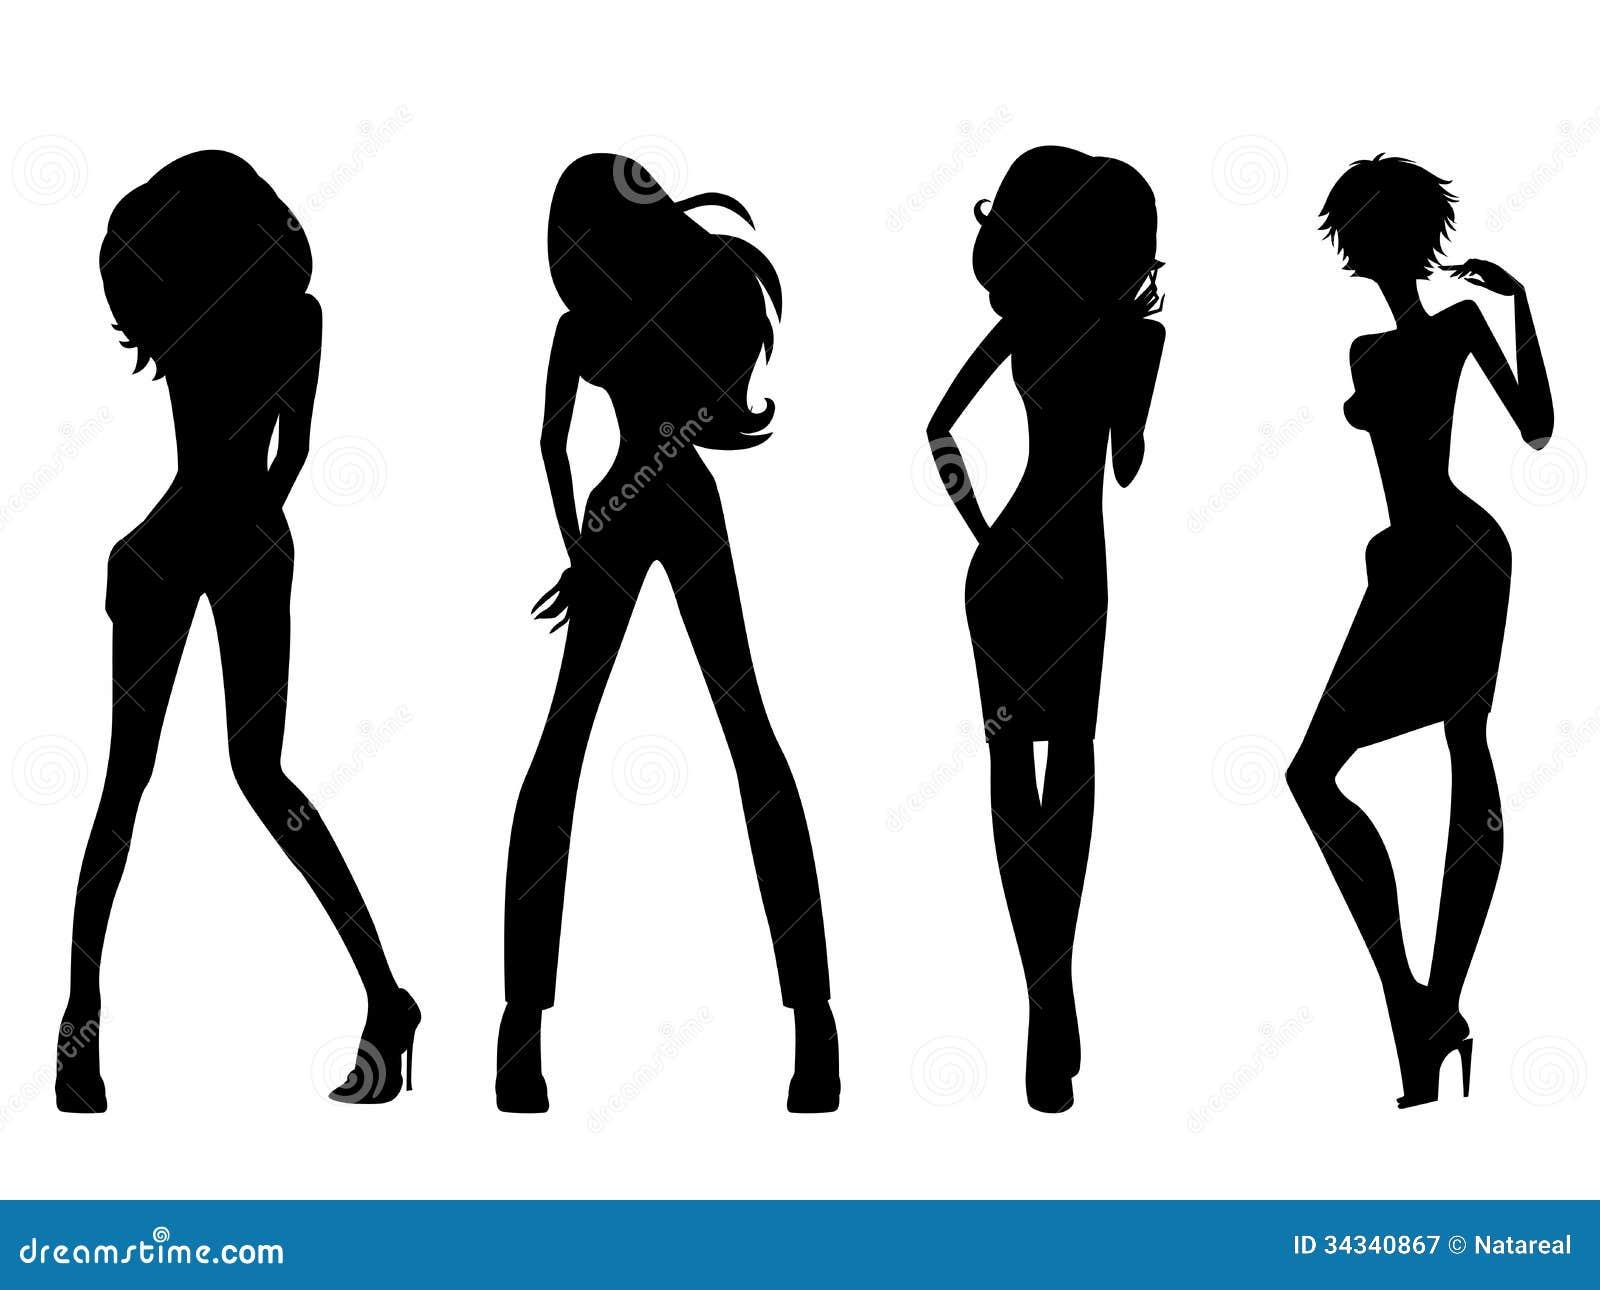 Symbol Of Fashion Modeling